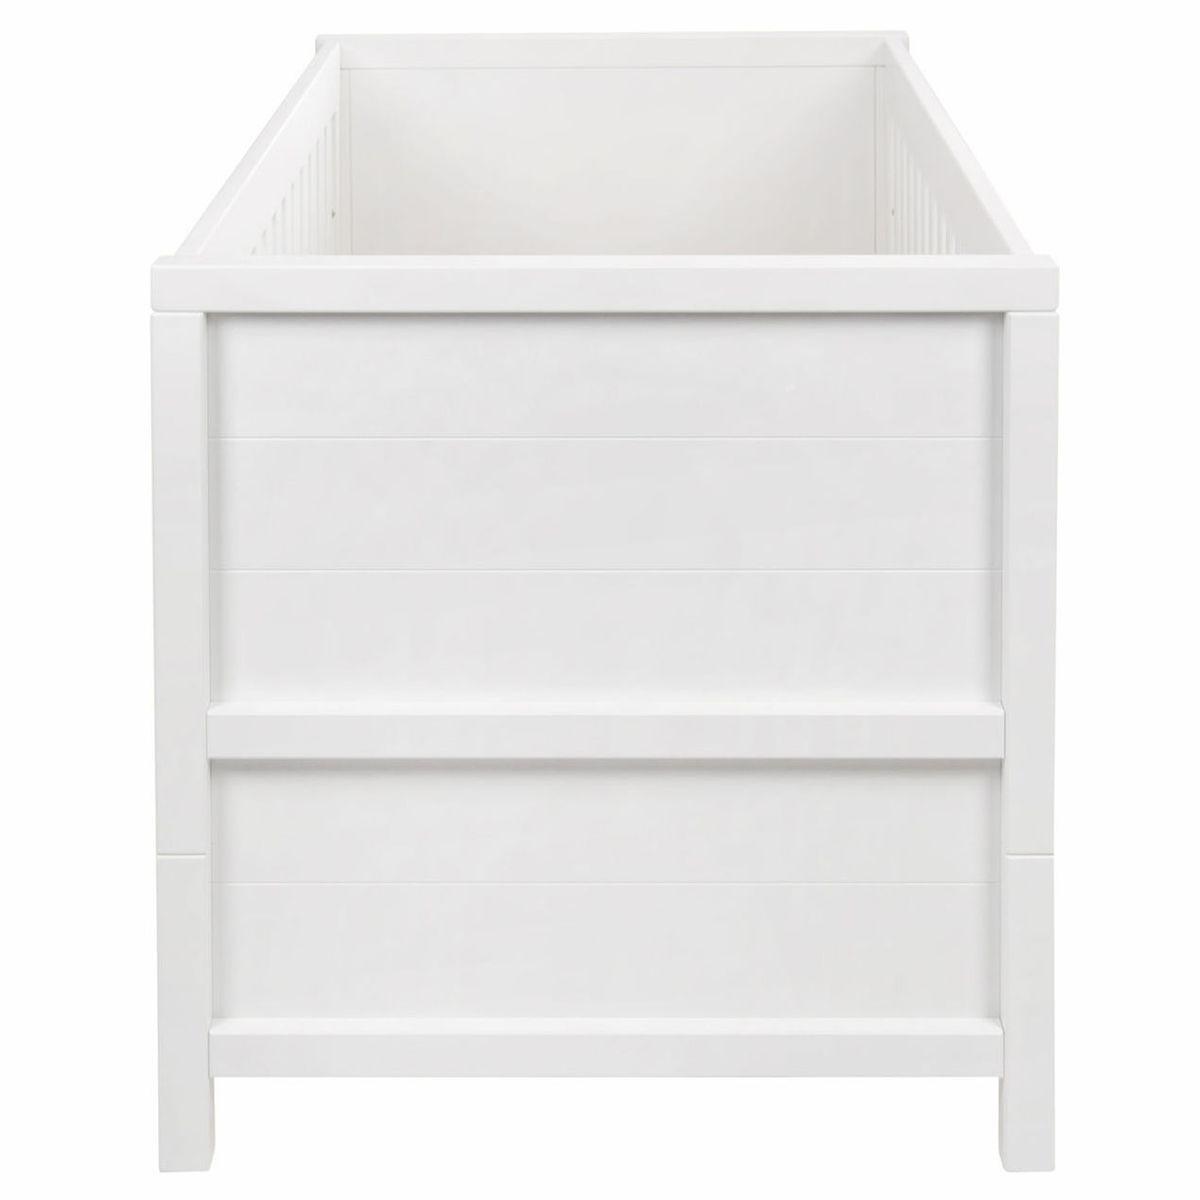 Lit 70x140cm STRIPES Quax  blanc